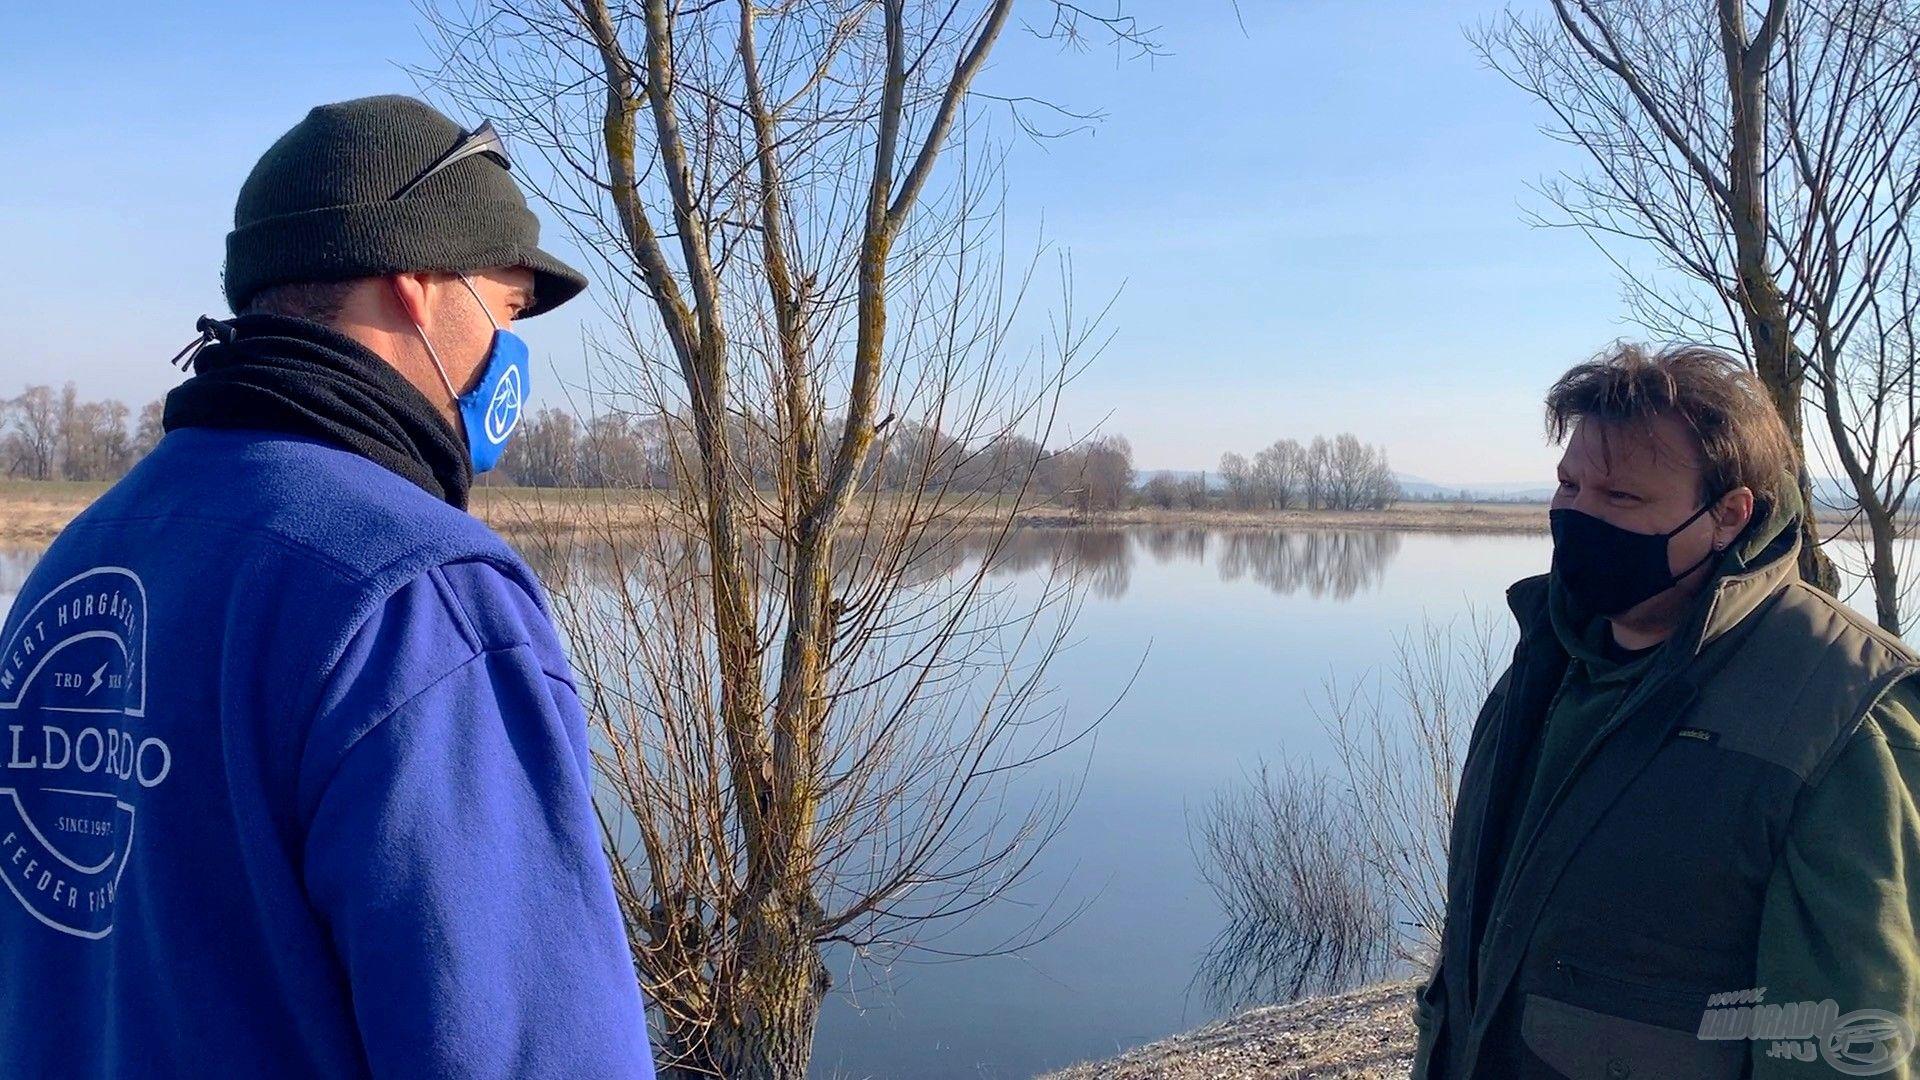 Juhász Tamás, a tórendszer vezető munkatársa segített nekem a helyválasztásban és a horgászat stratégiájának kiválasztásában